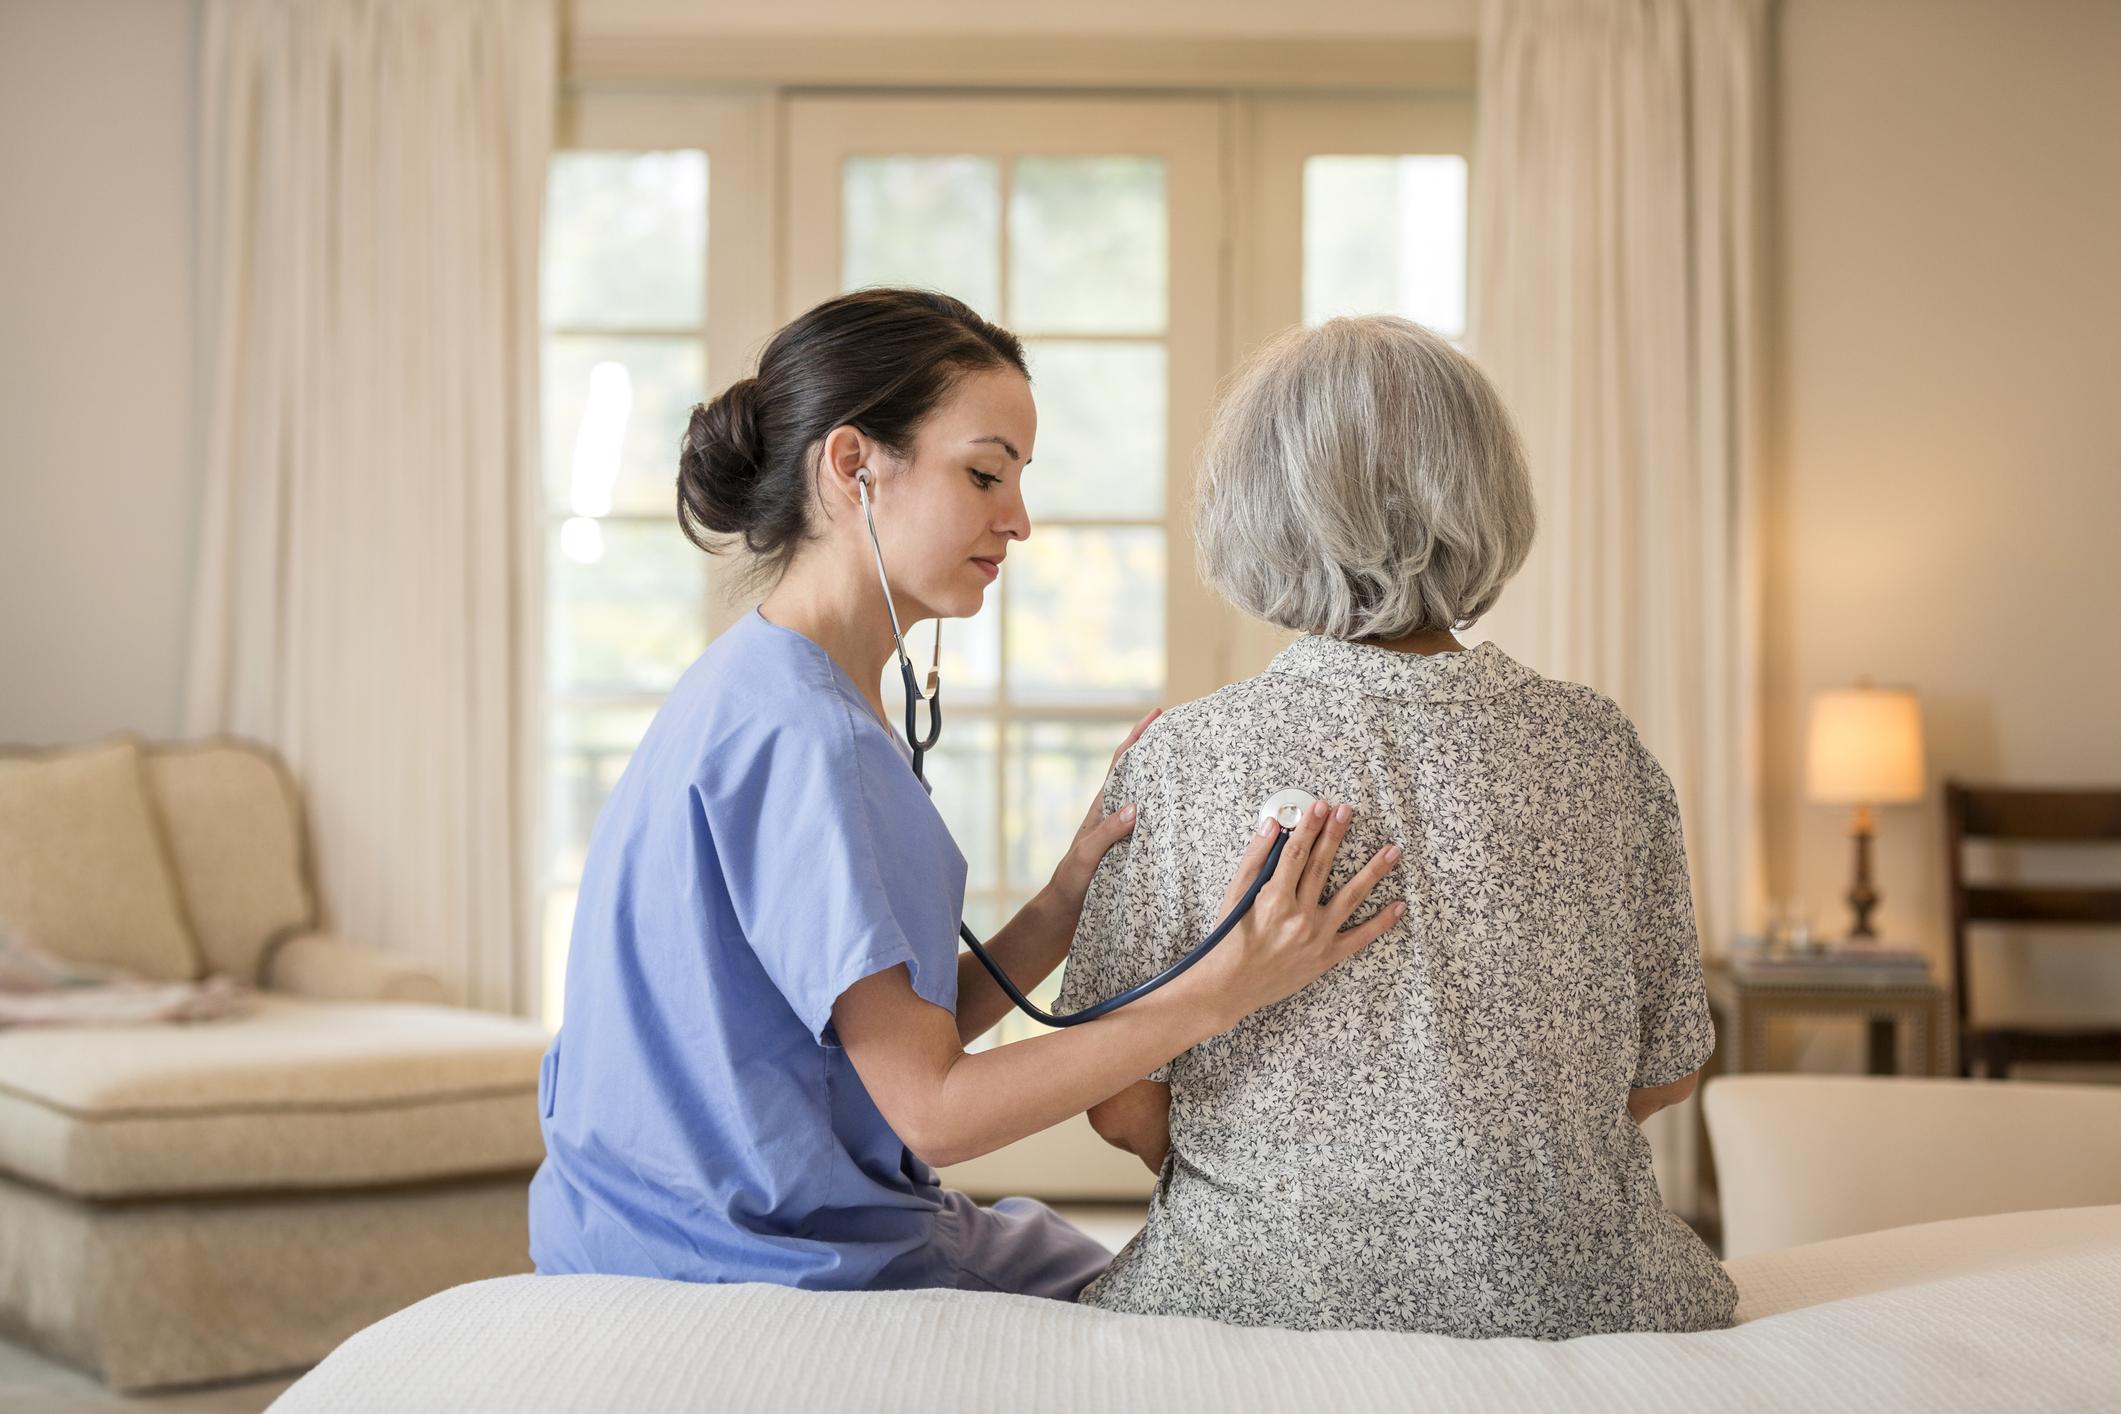 Comment gérer l'hospitalisation à domicile?